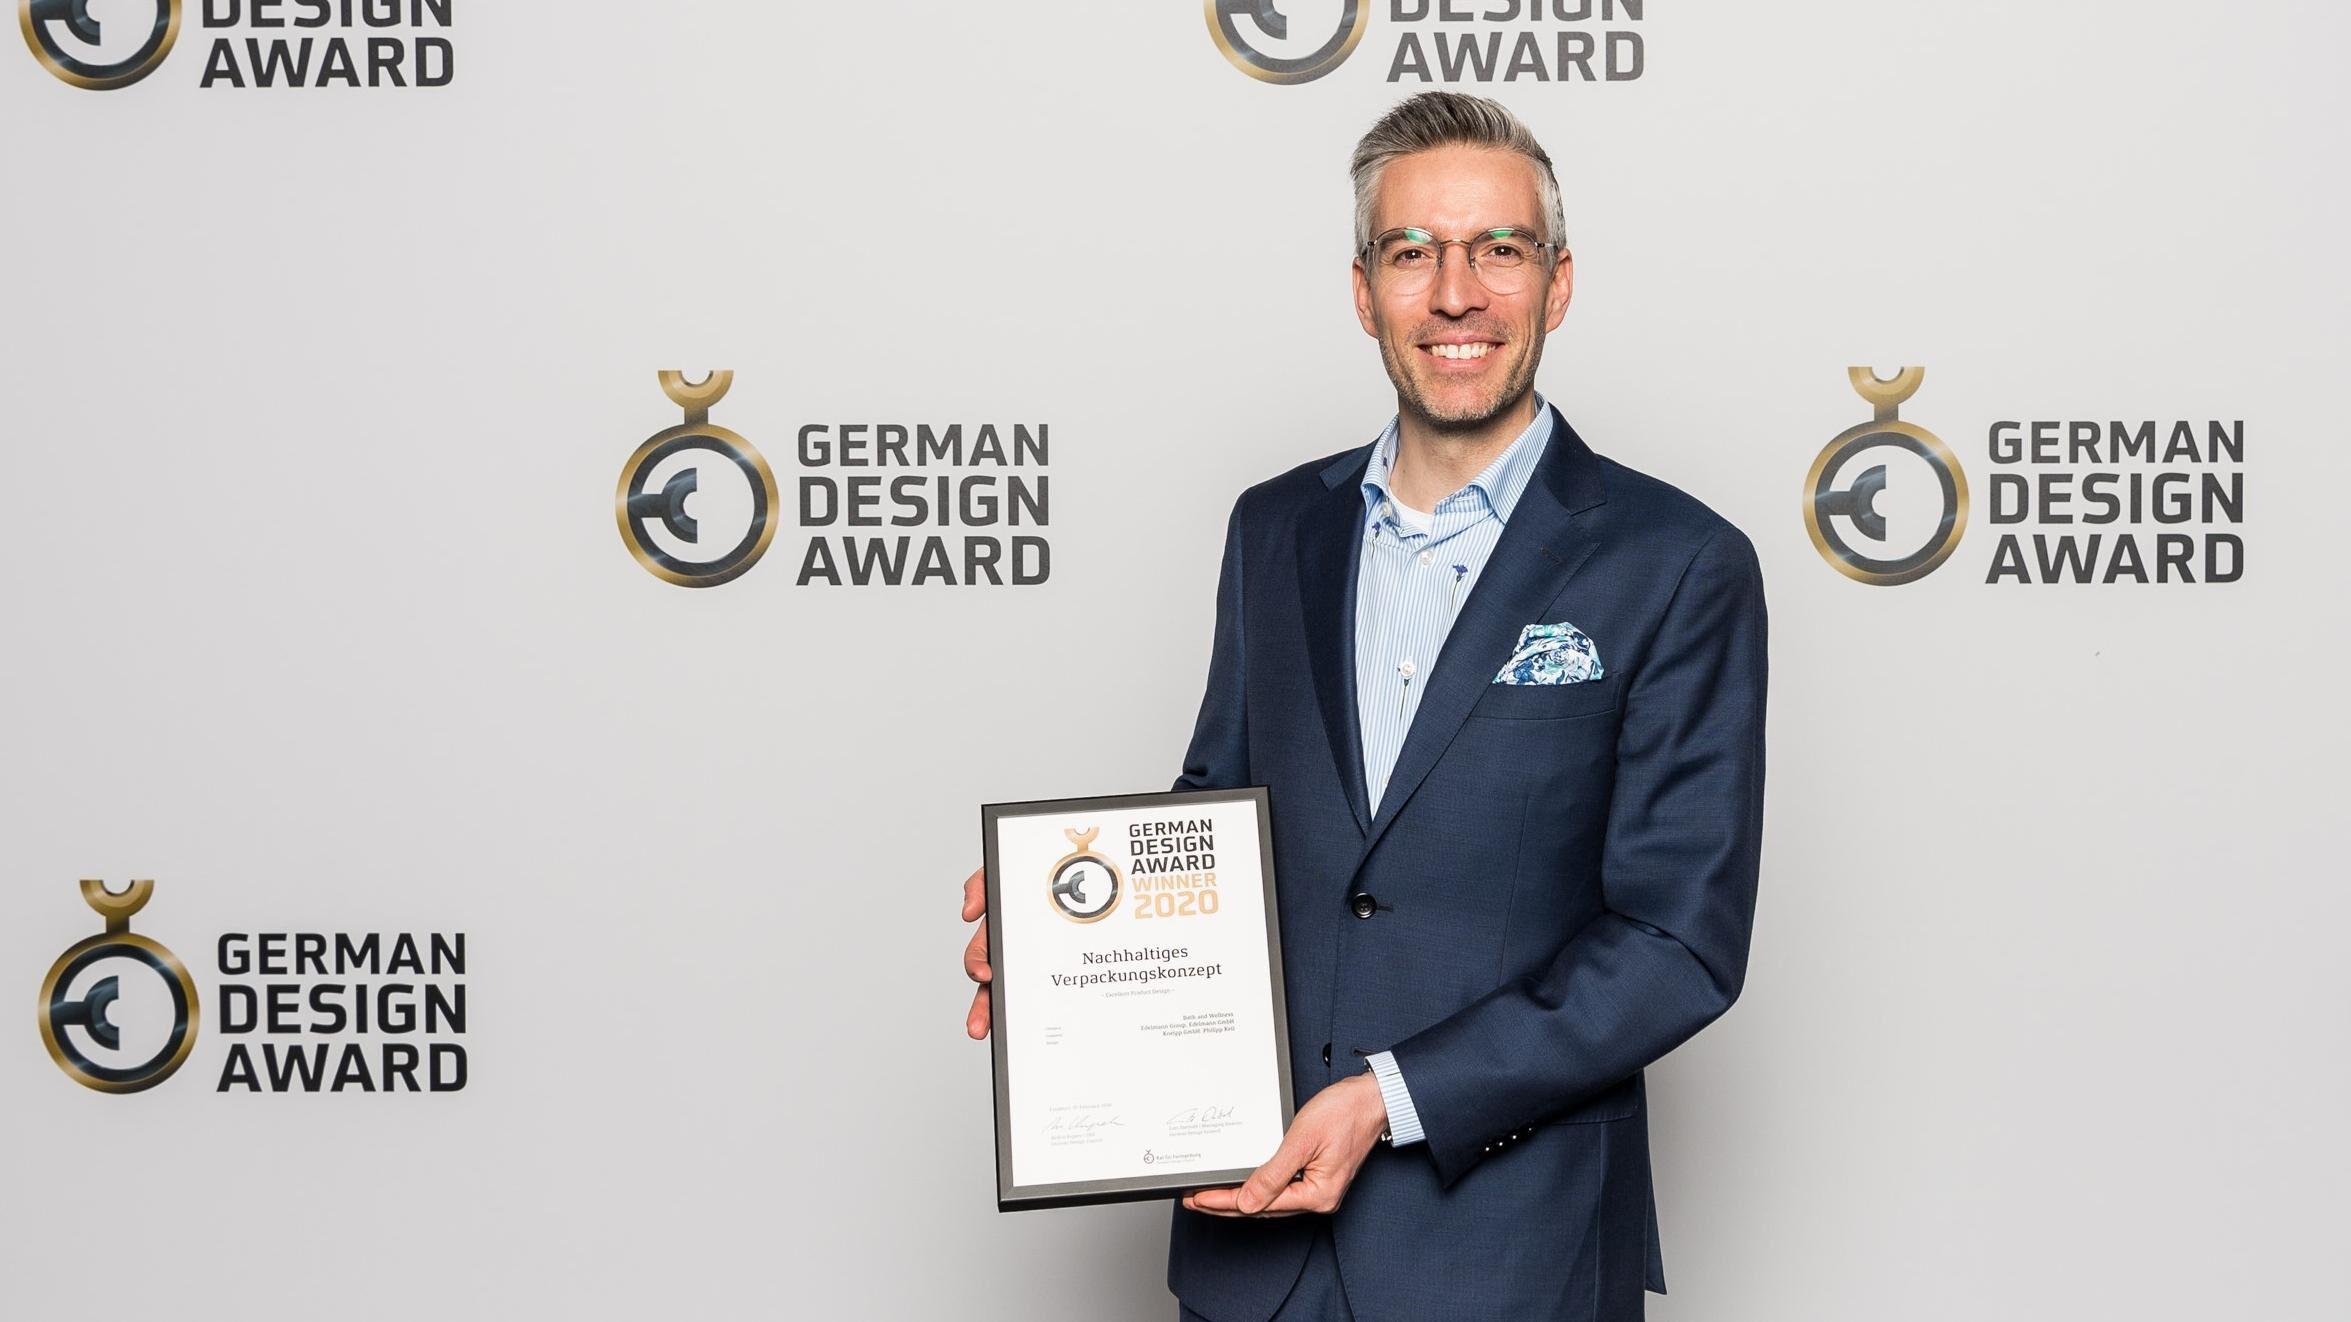 German Design Award für Kneipp Lippenpflege